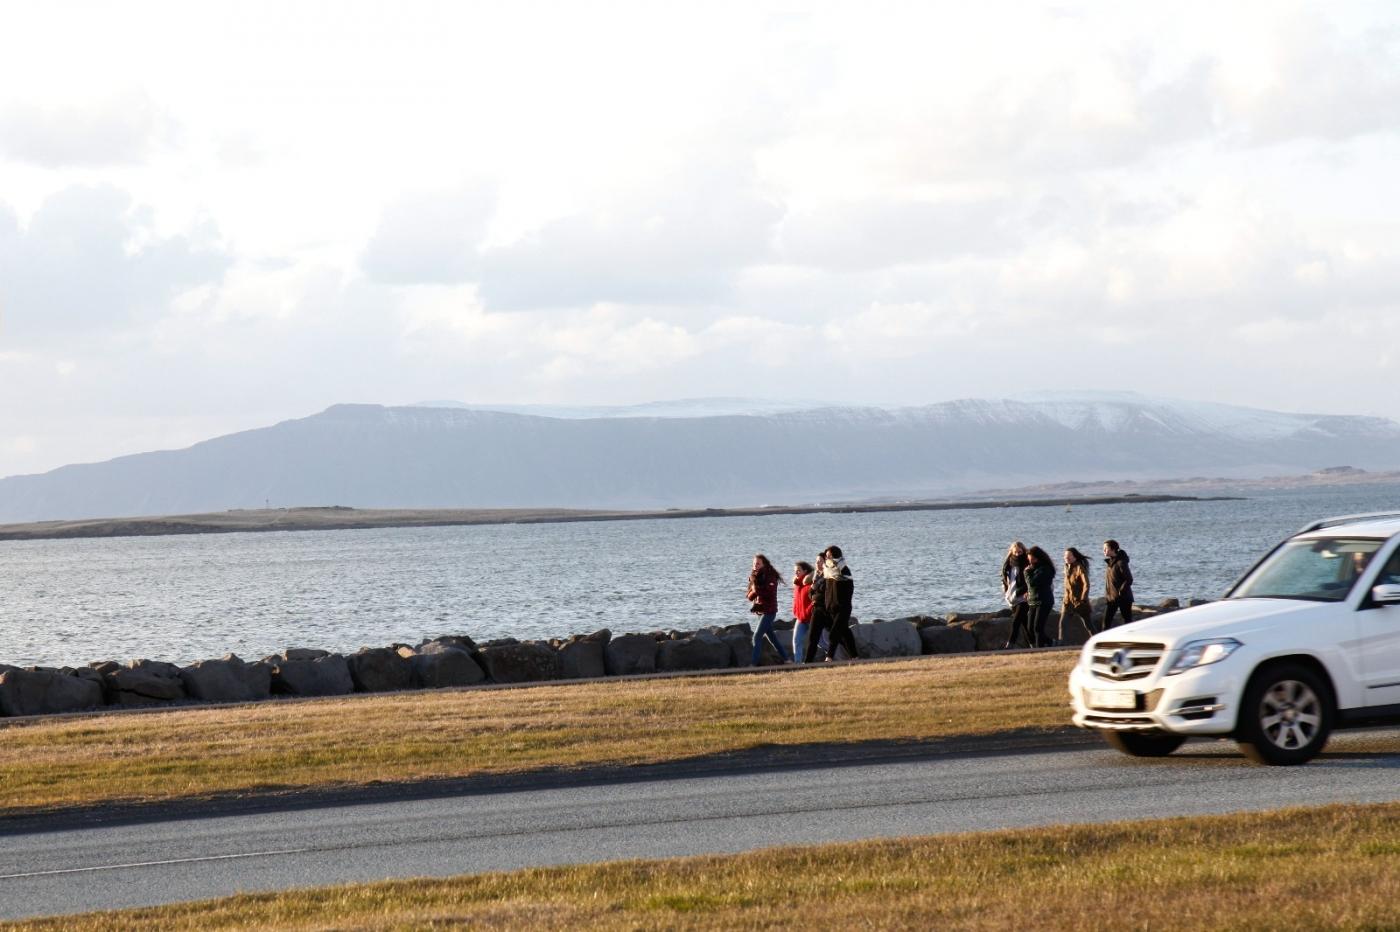 冰岛海滩风景_图1-23